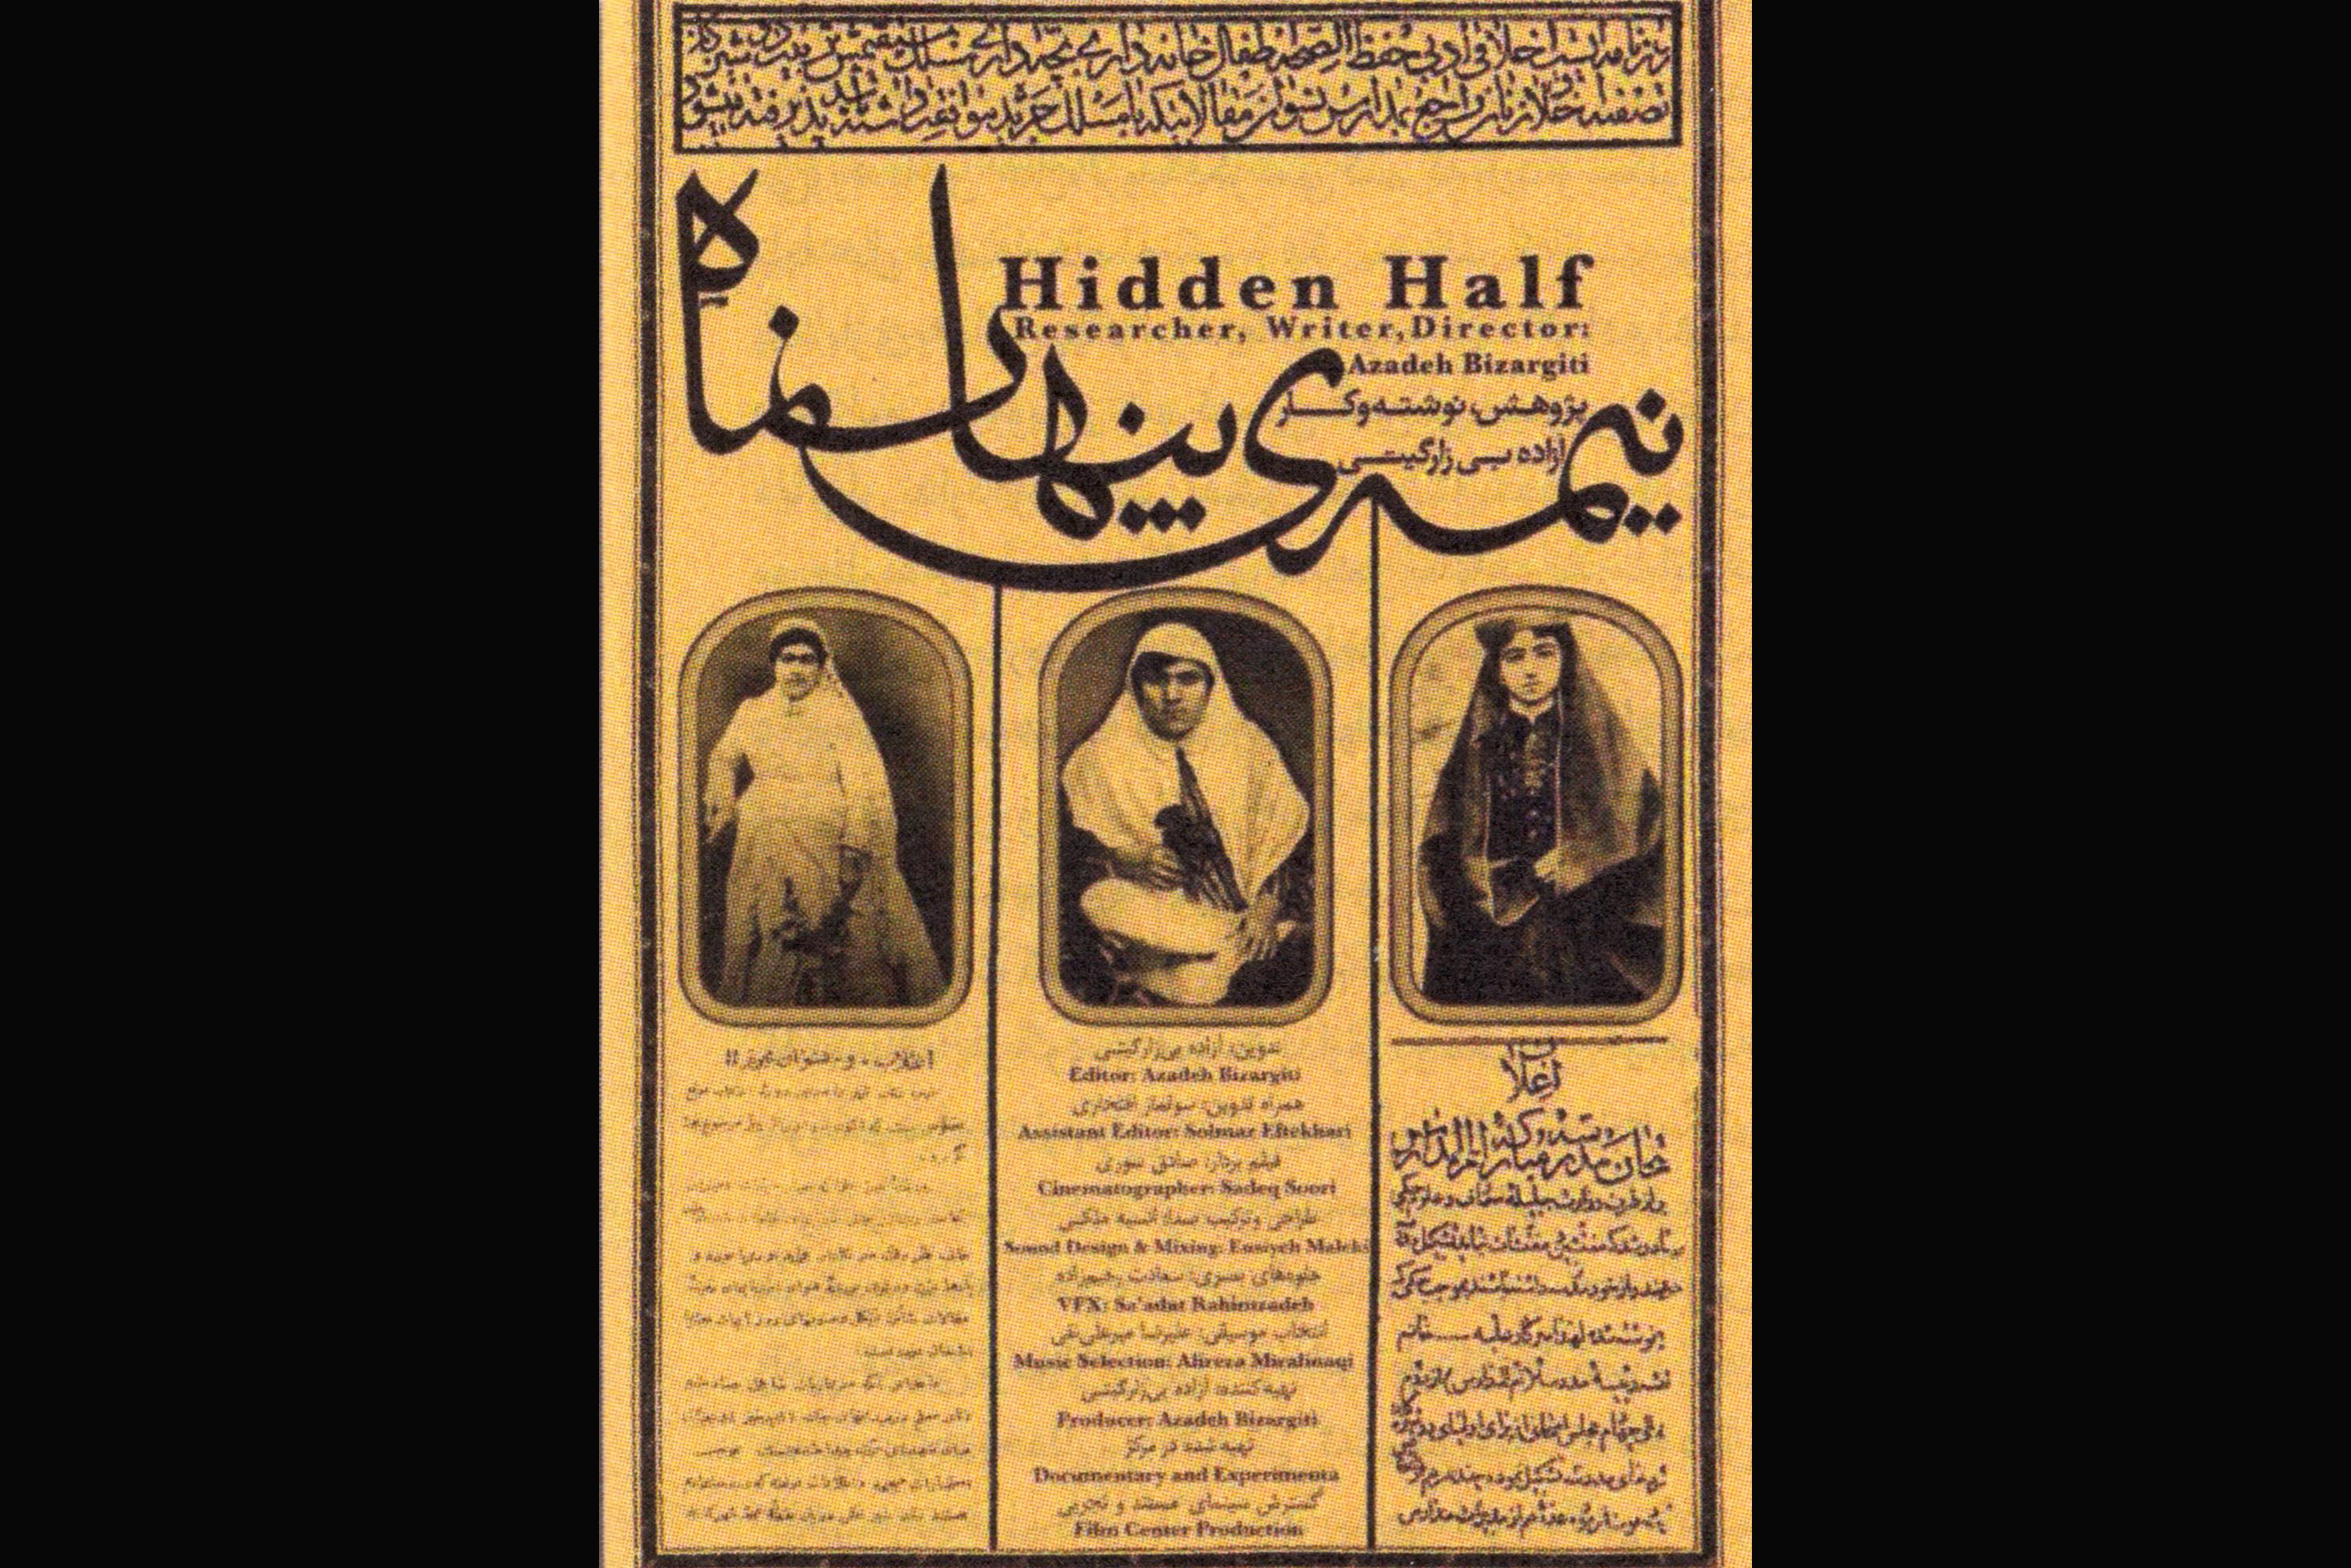 یادی از «زینب پاشا» در فیلم مستند «نیمه پنهان ماه» / مجید رضازاد عموزین الدینی